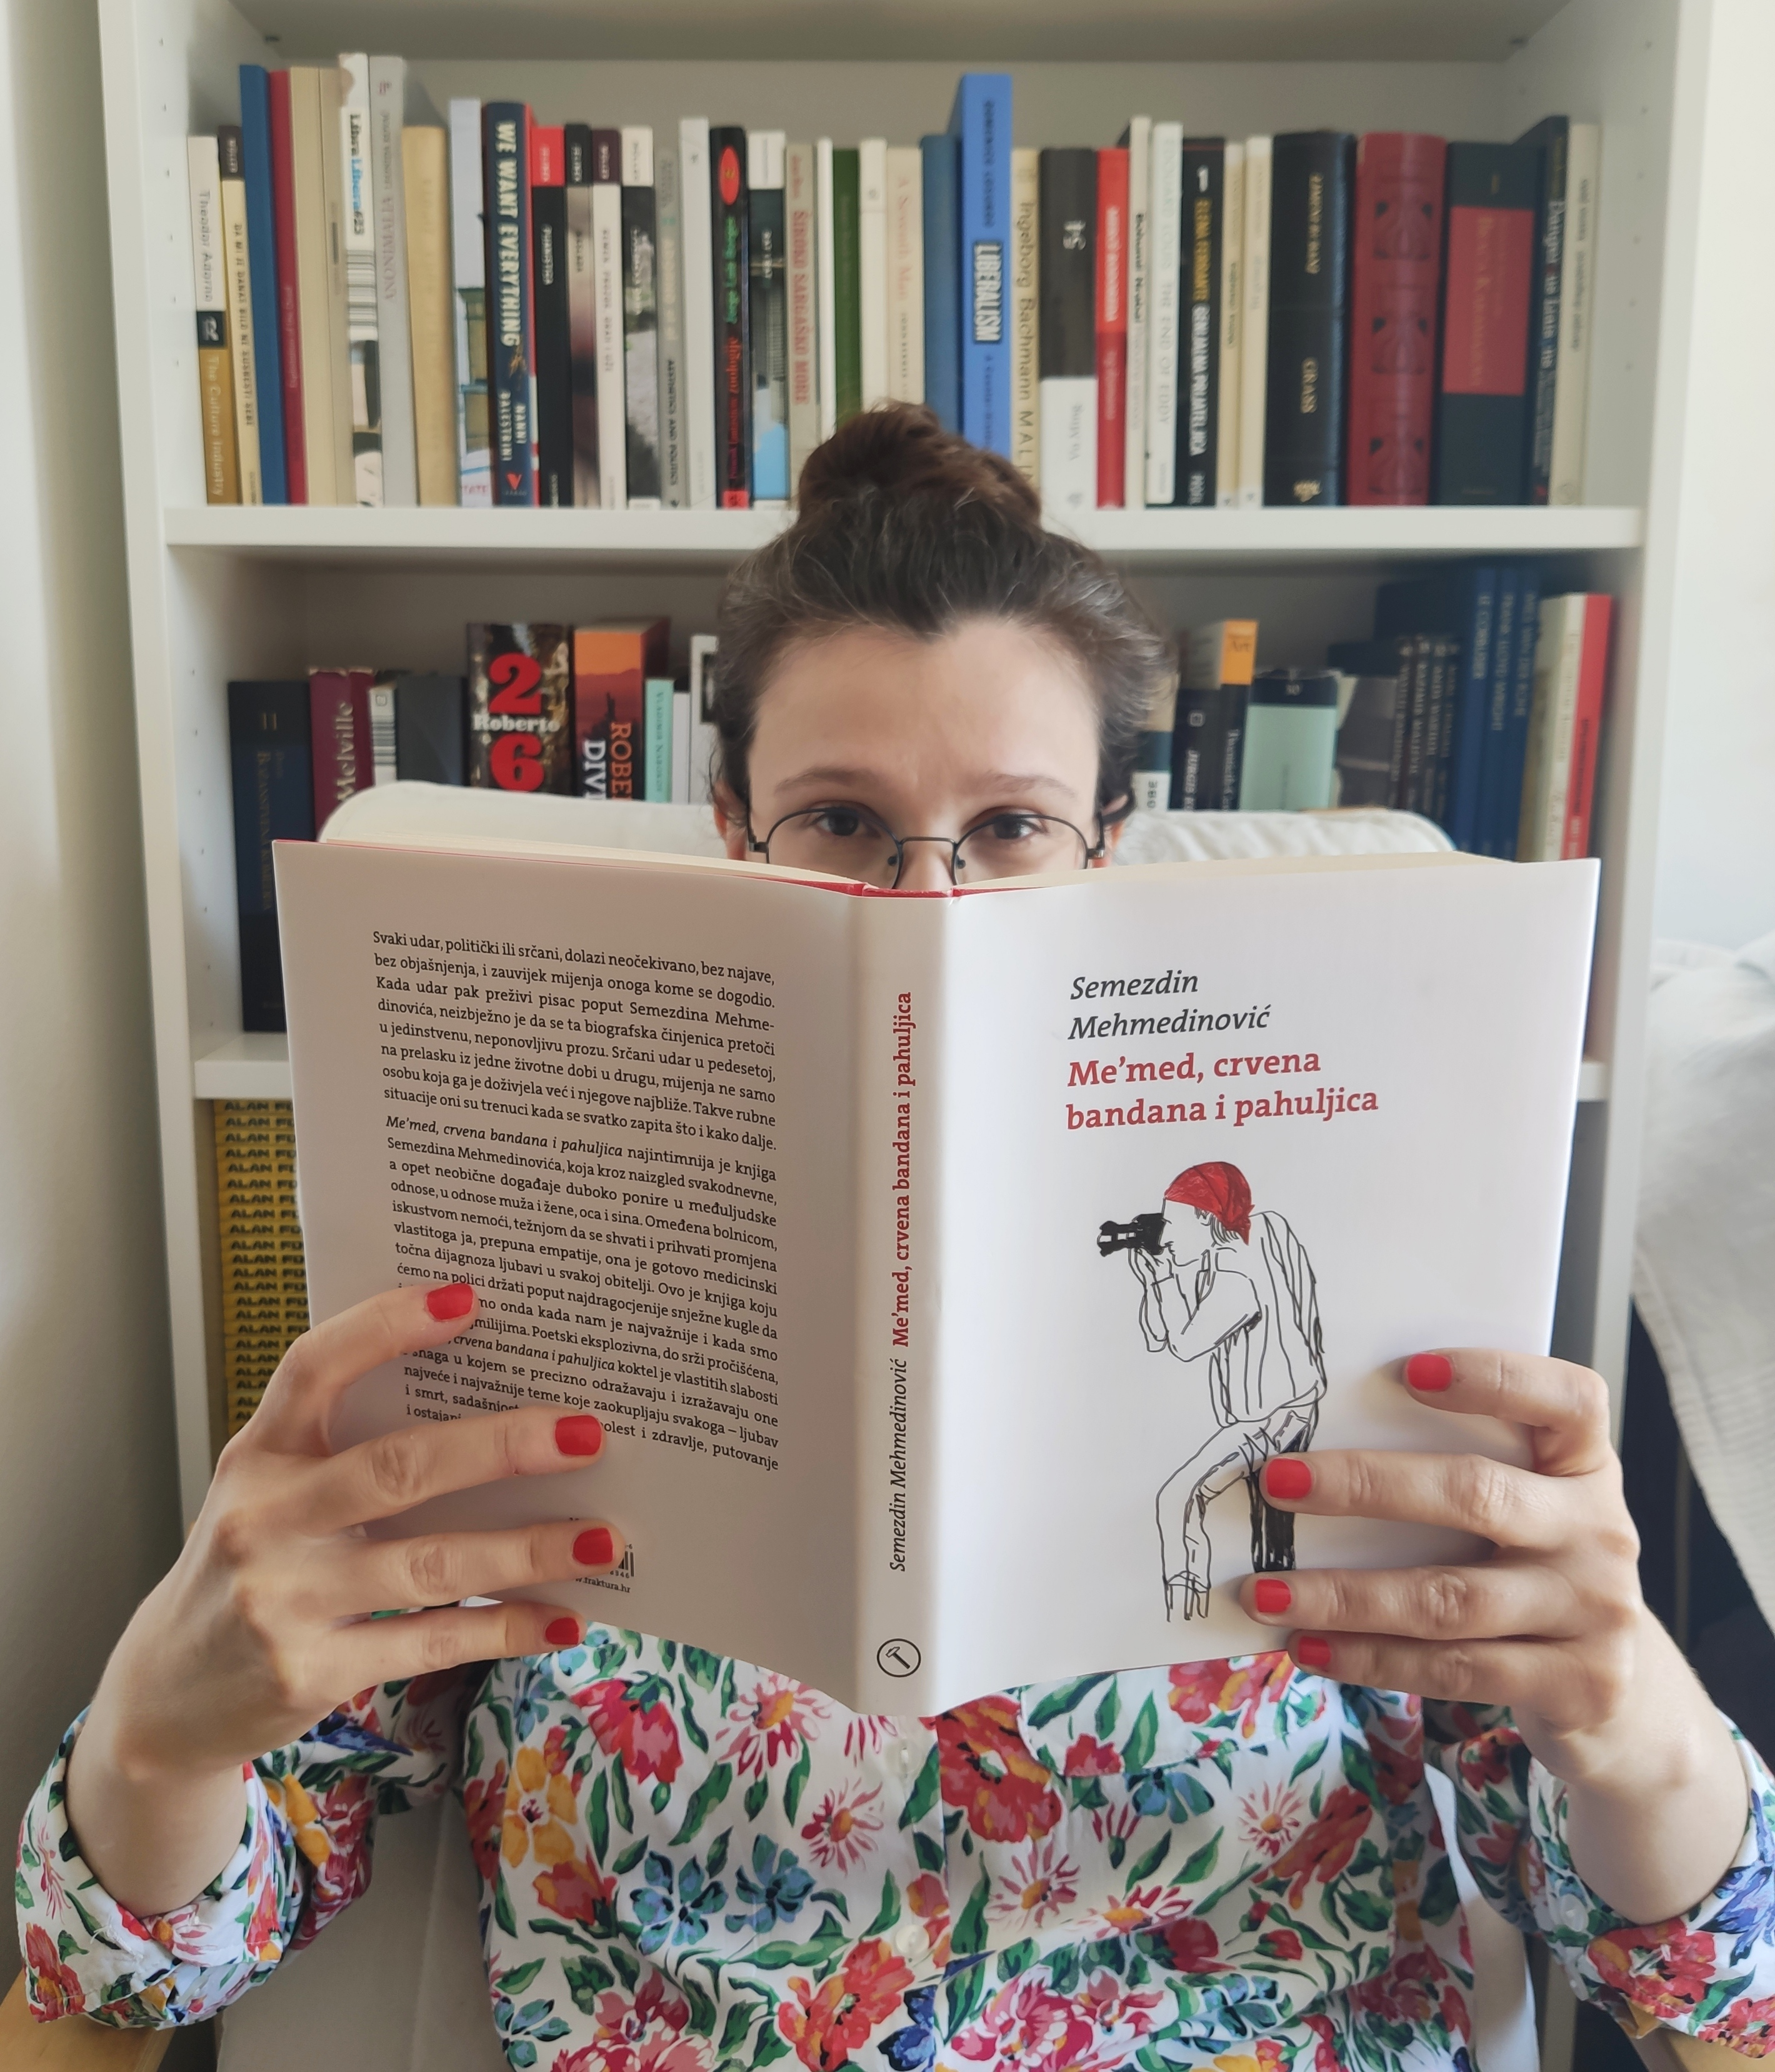 Maja Blažević: Neopisiva lakoća stvaranja bliskosti s čitateljem